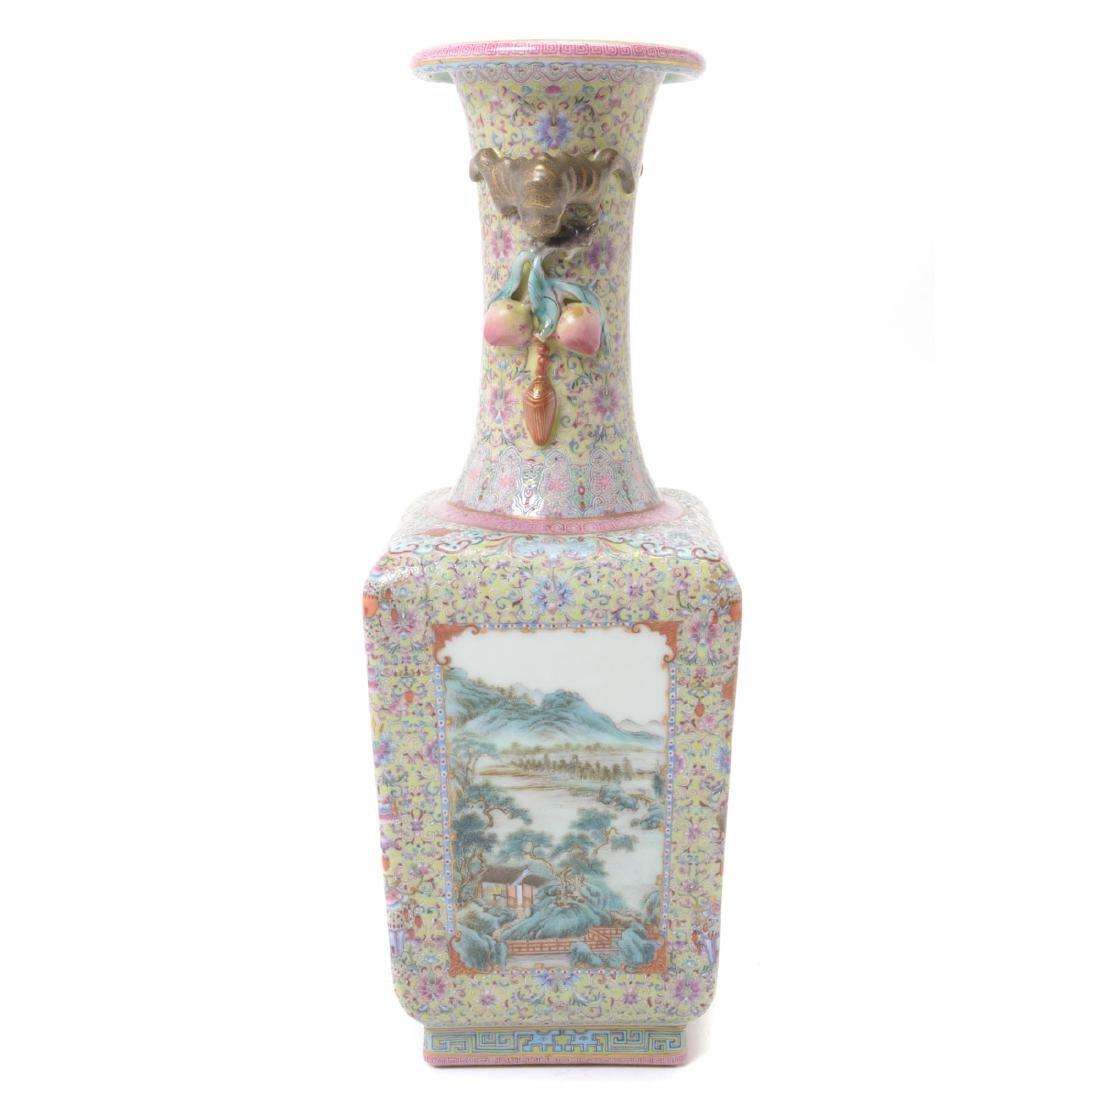 Famille Rose Square Form Vase, Republic Period